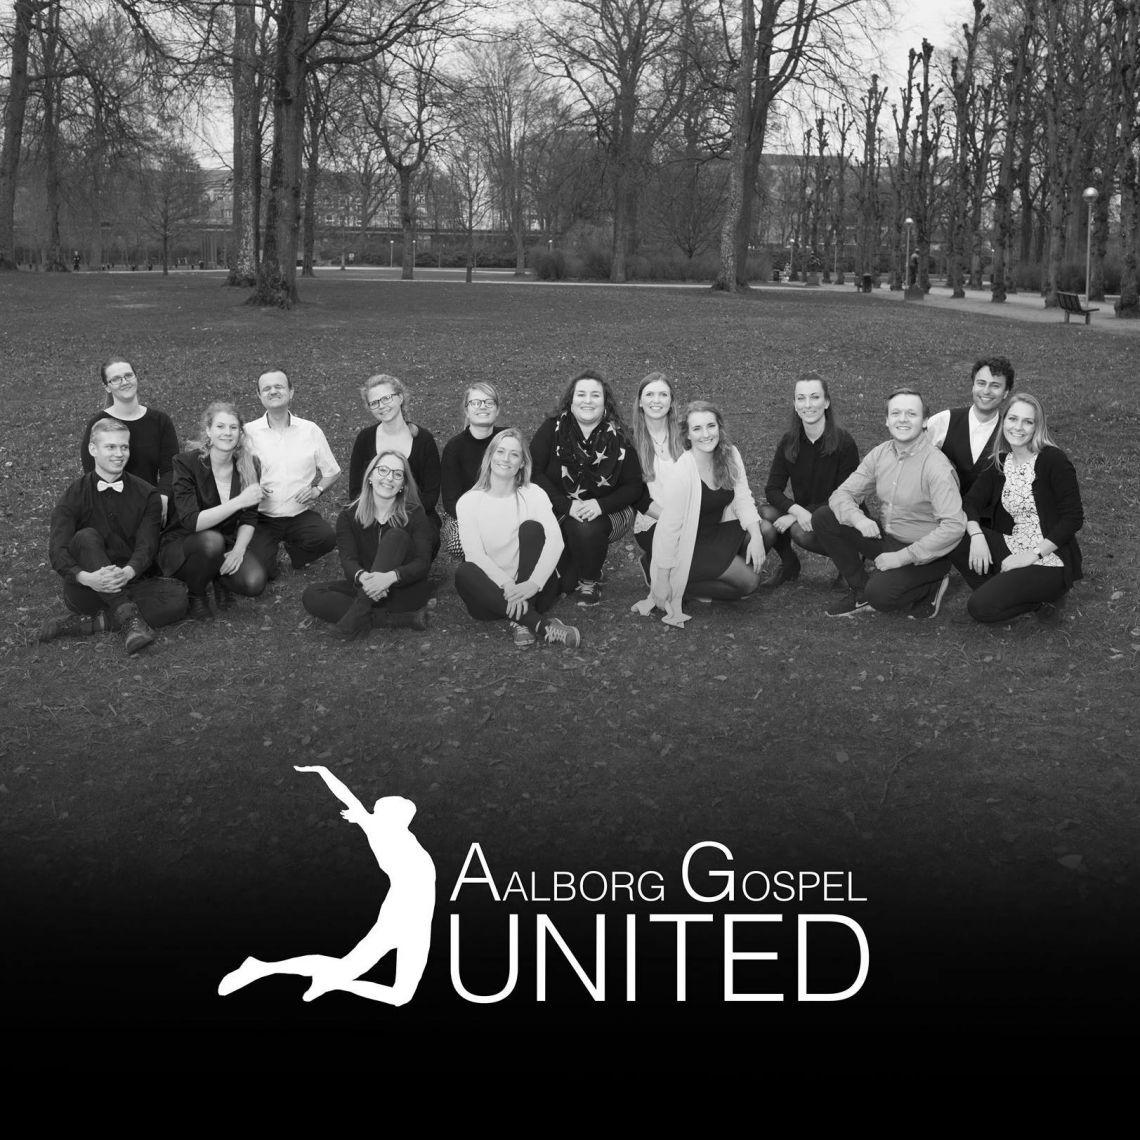 Aalborg Gospel United